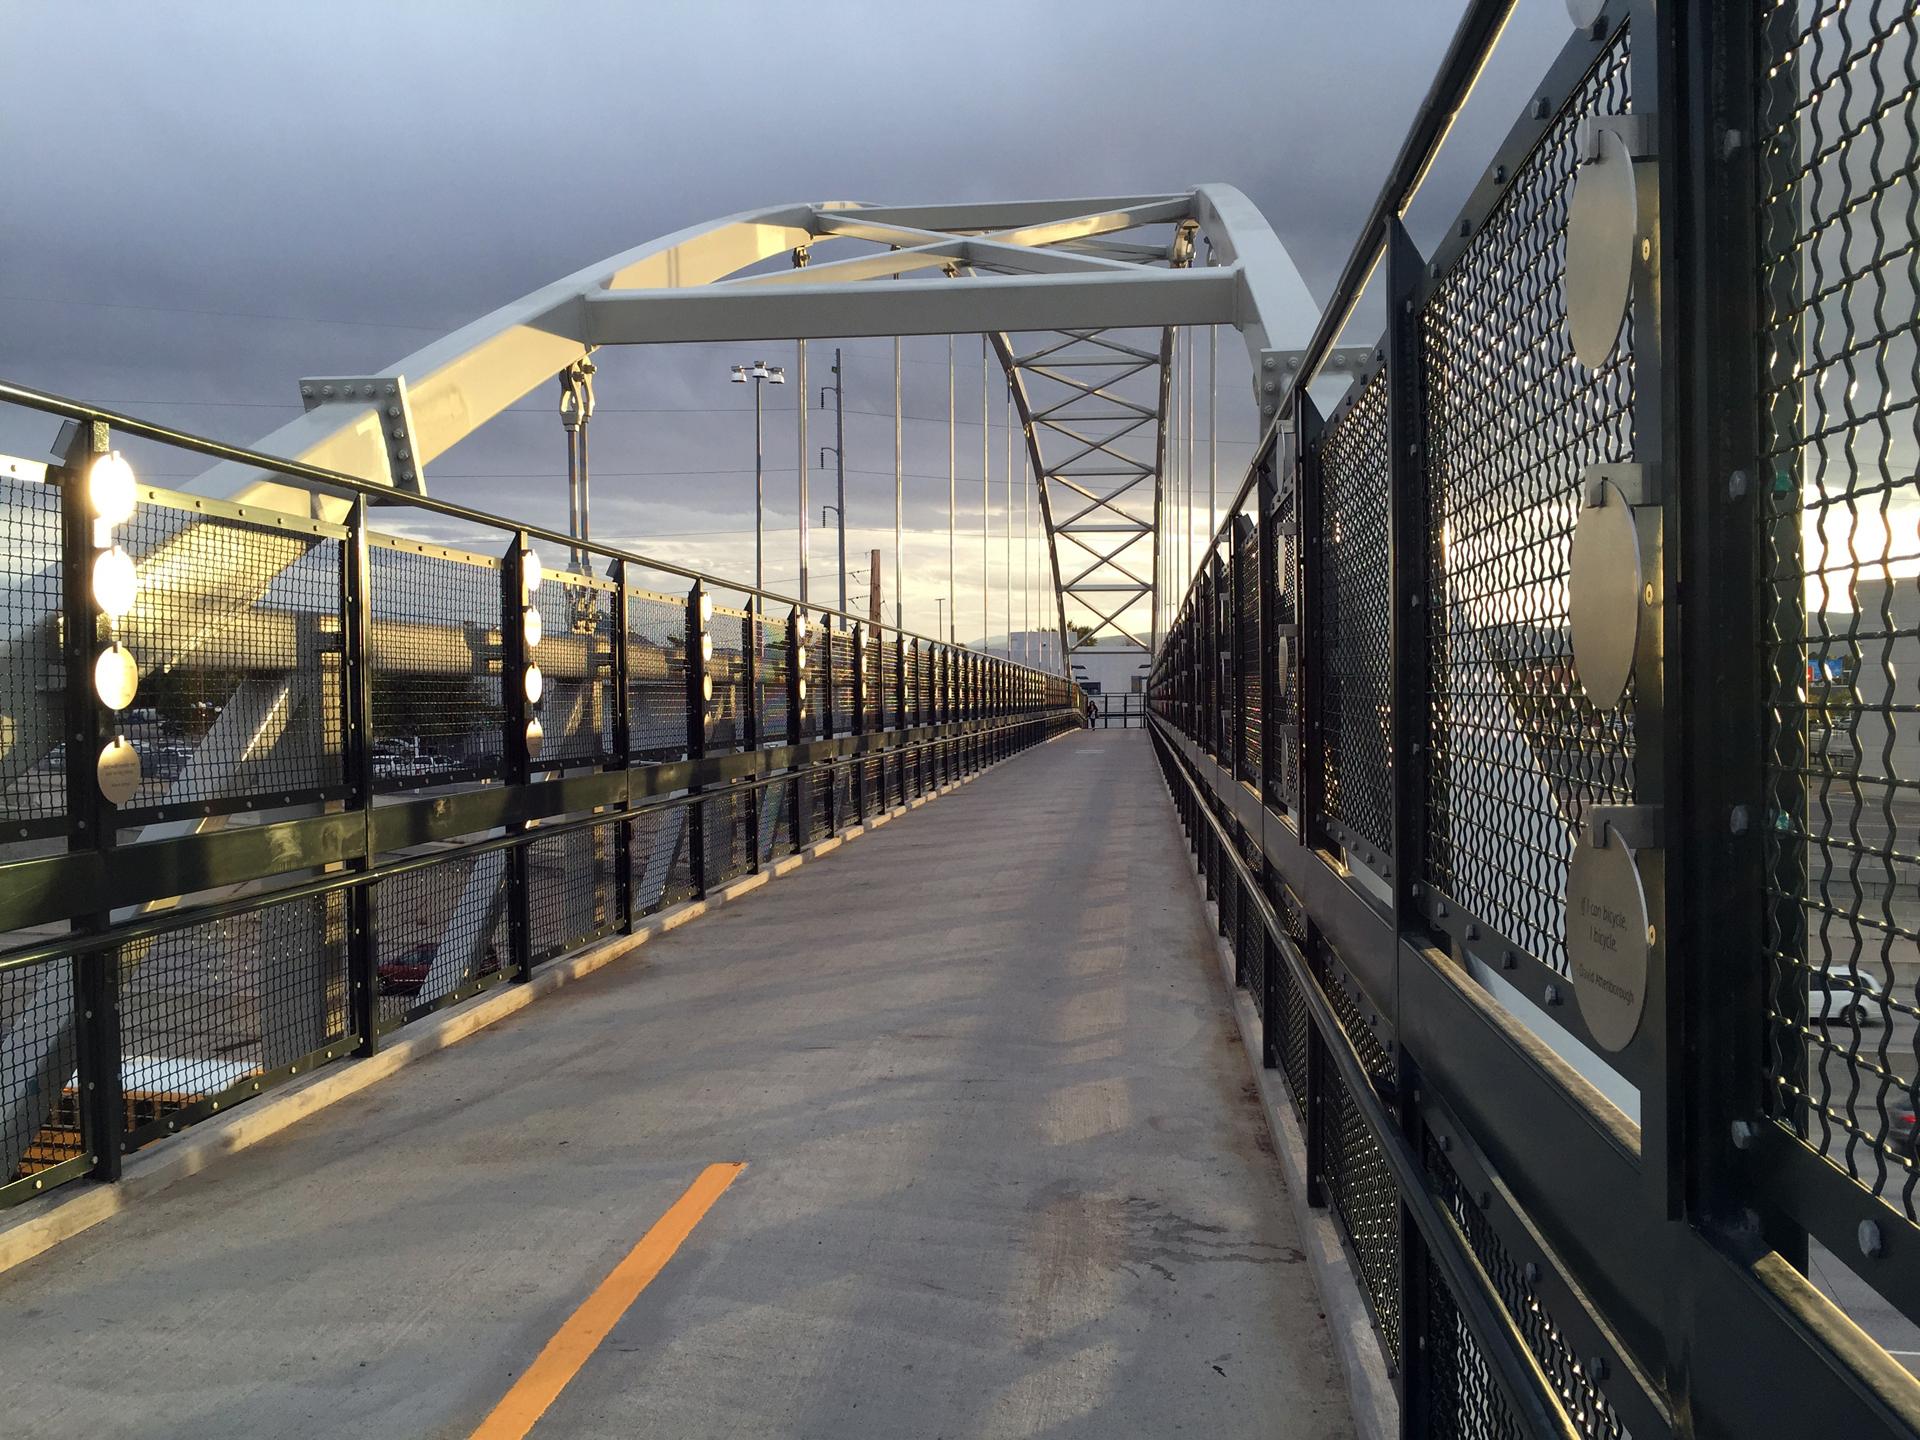 Mindful Bridge